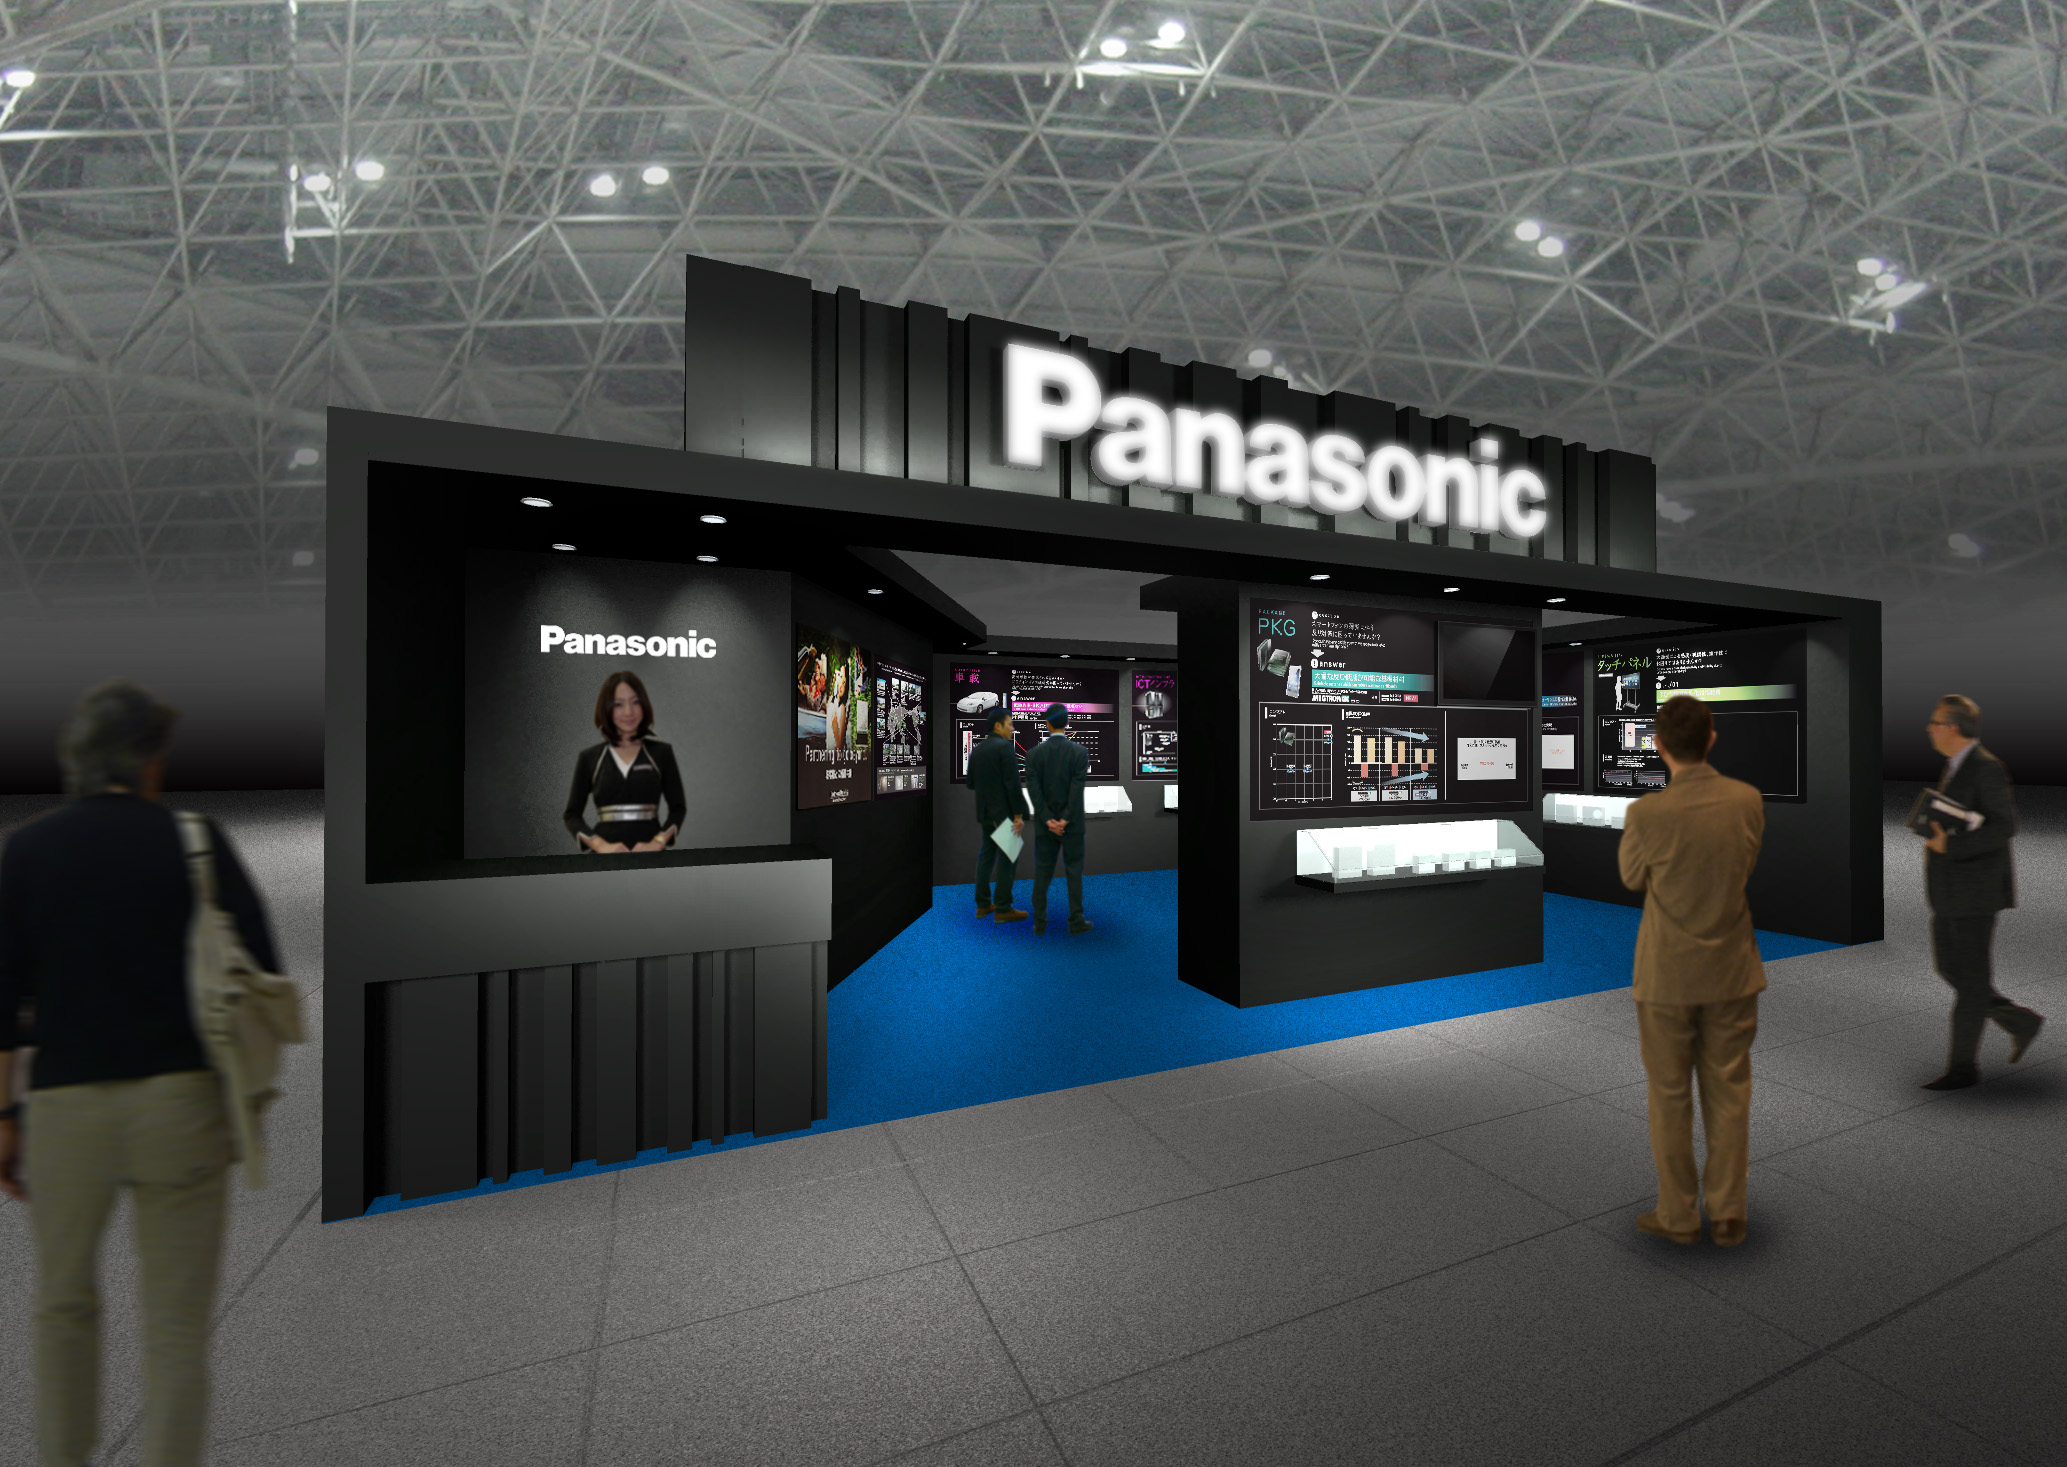 パナソニックブース 展示イメージ